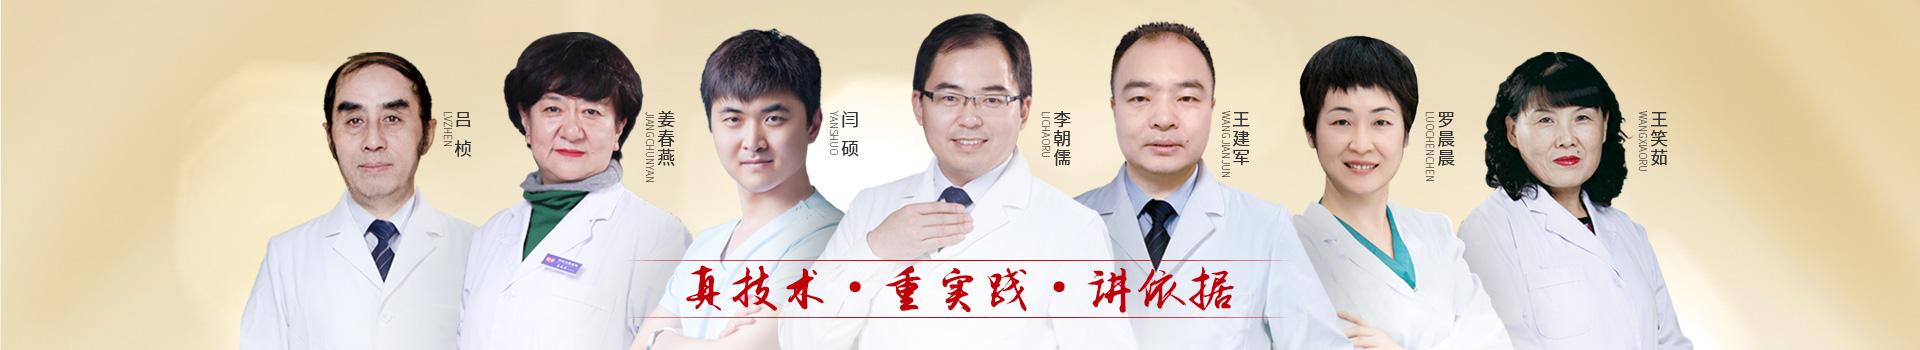 惟德口腔医生团队,真技术,重实践,讲依据